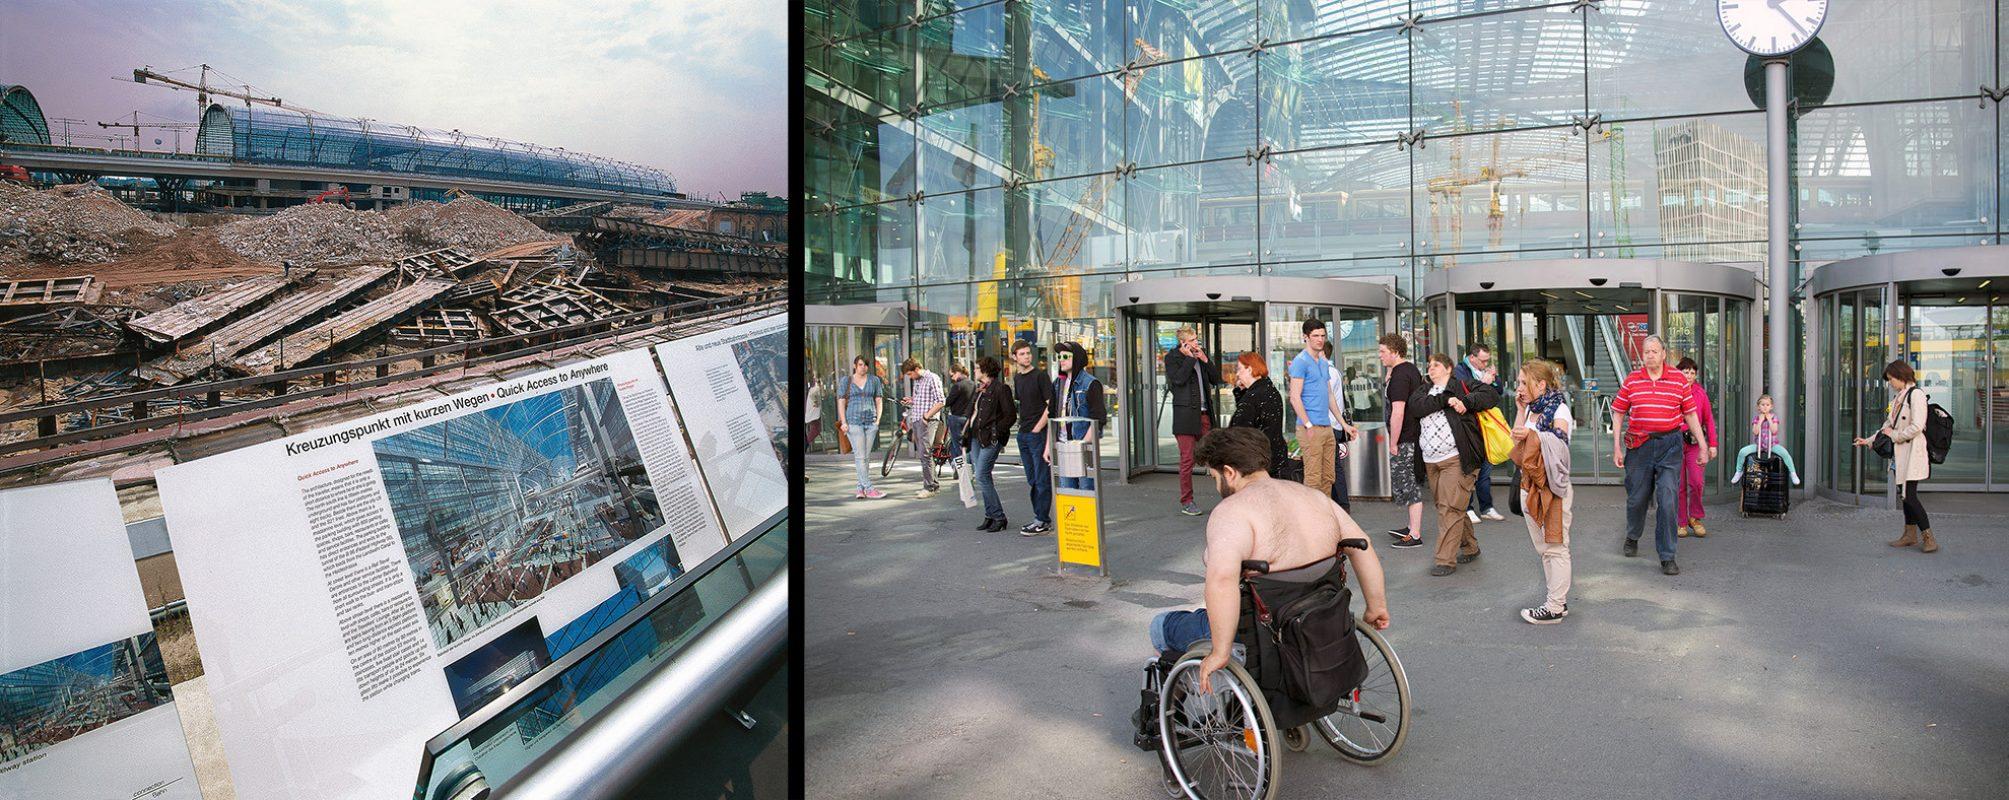 Berlin, Hauptbahnhof, kurze Wege, Rollstuhl